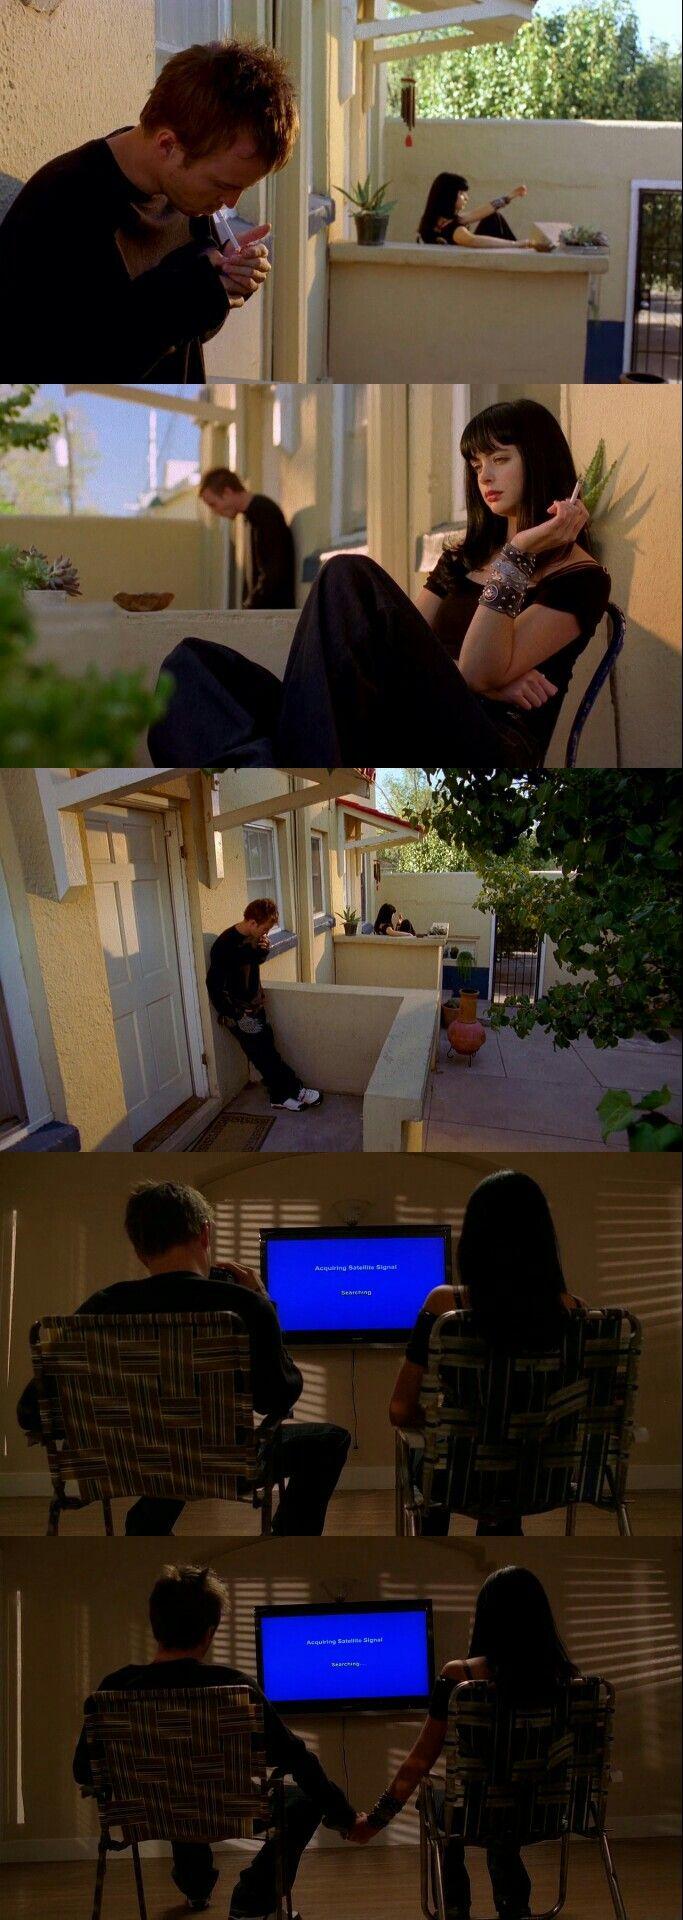 Jesse pinkman and Jane Margolis(Breaking Bad).